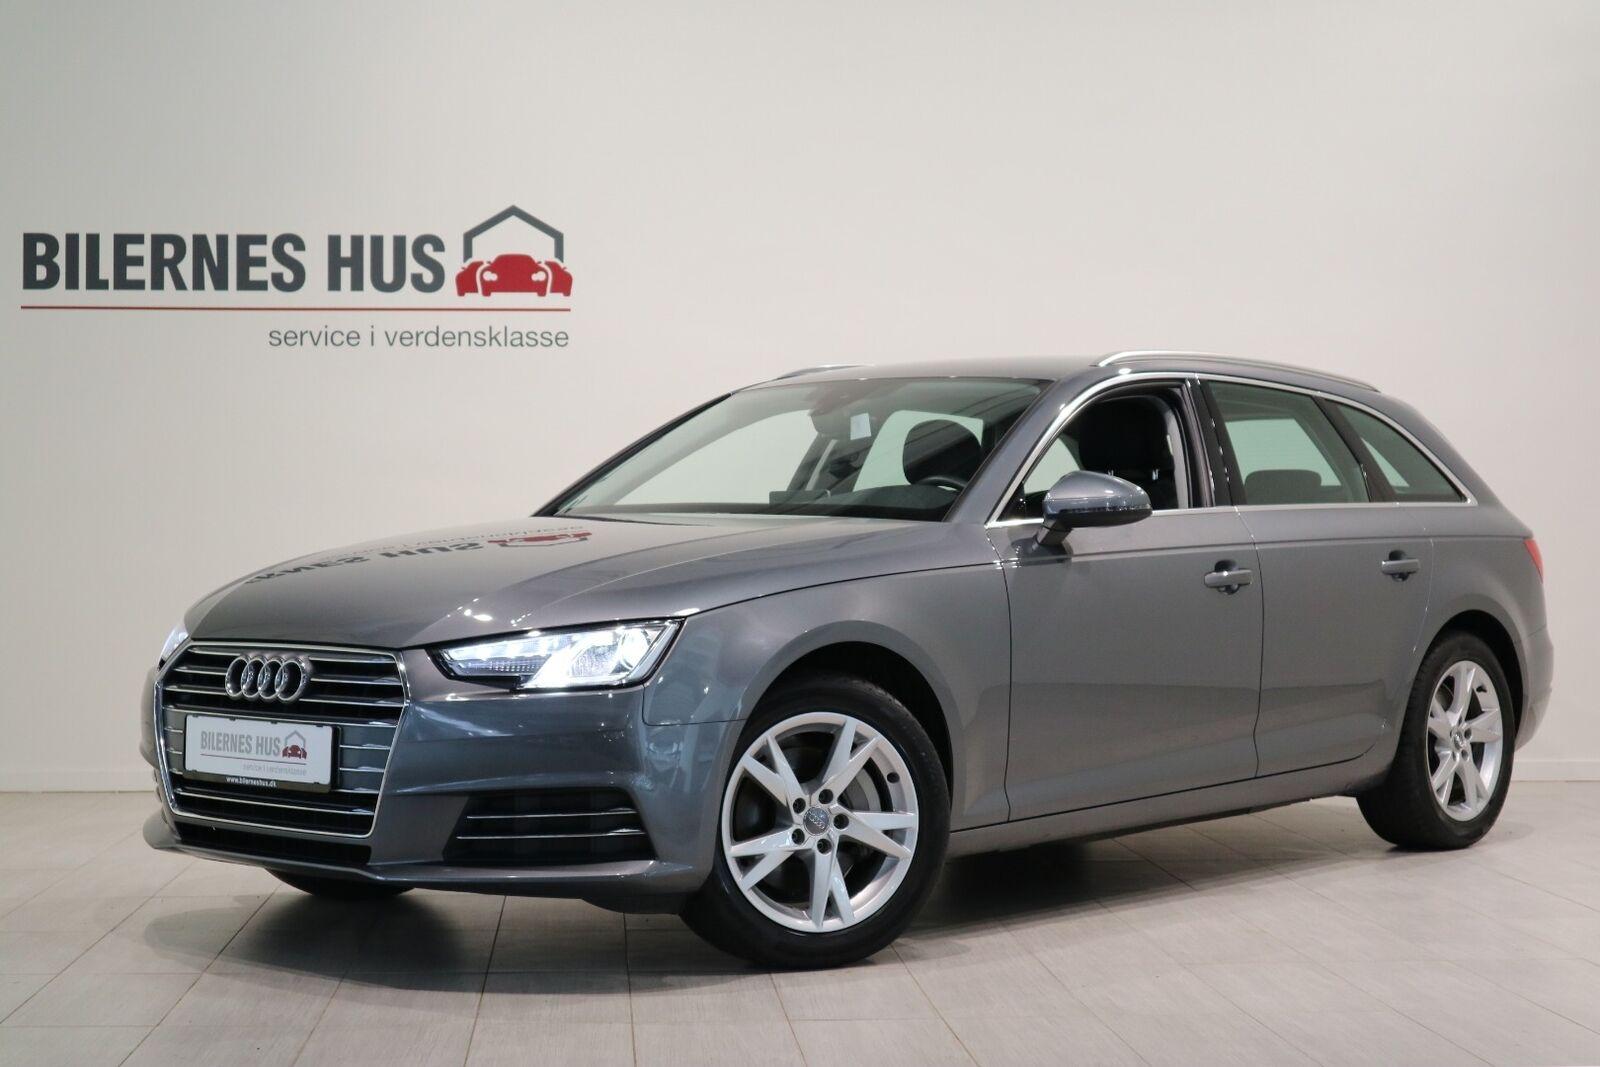 Audi A4 Billede 0